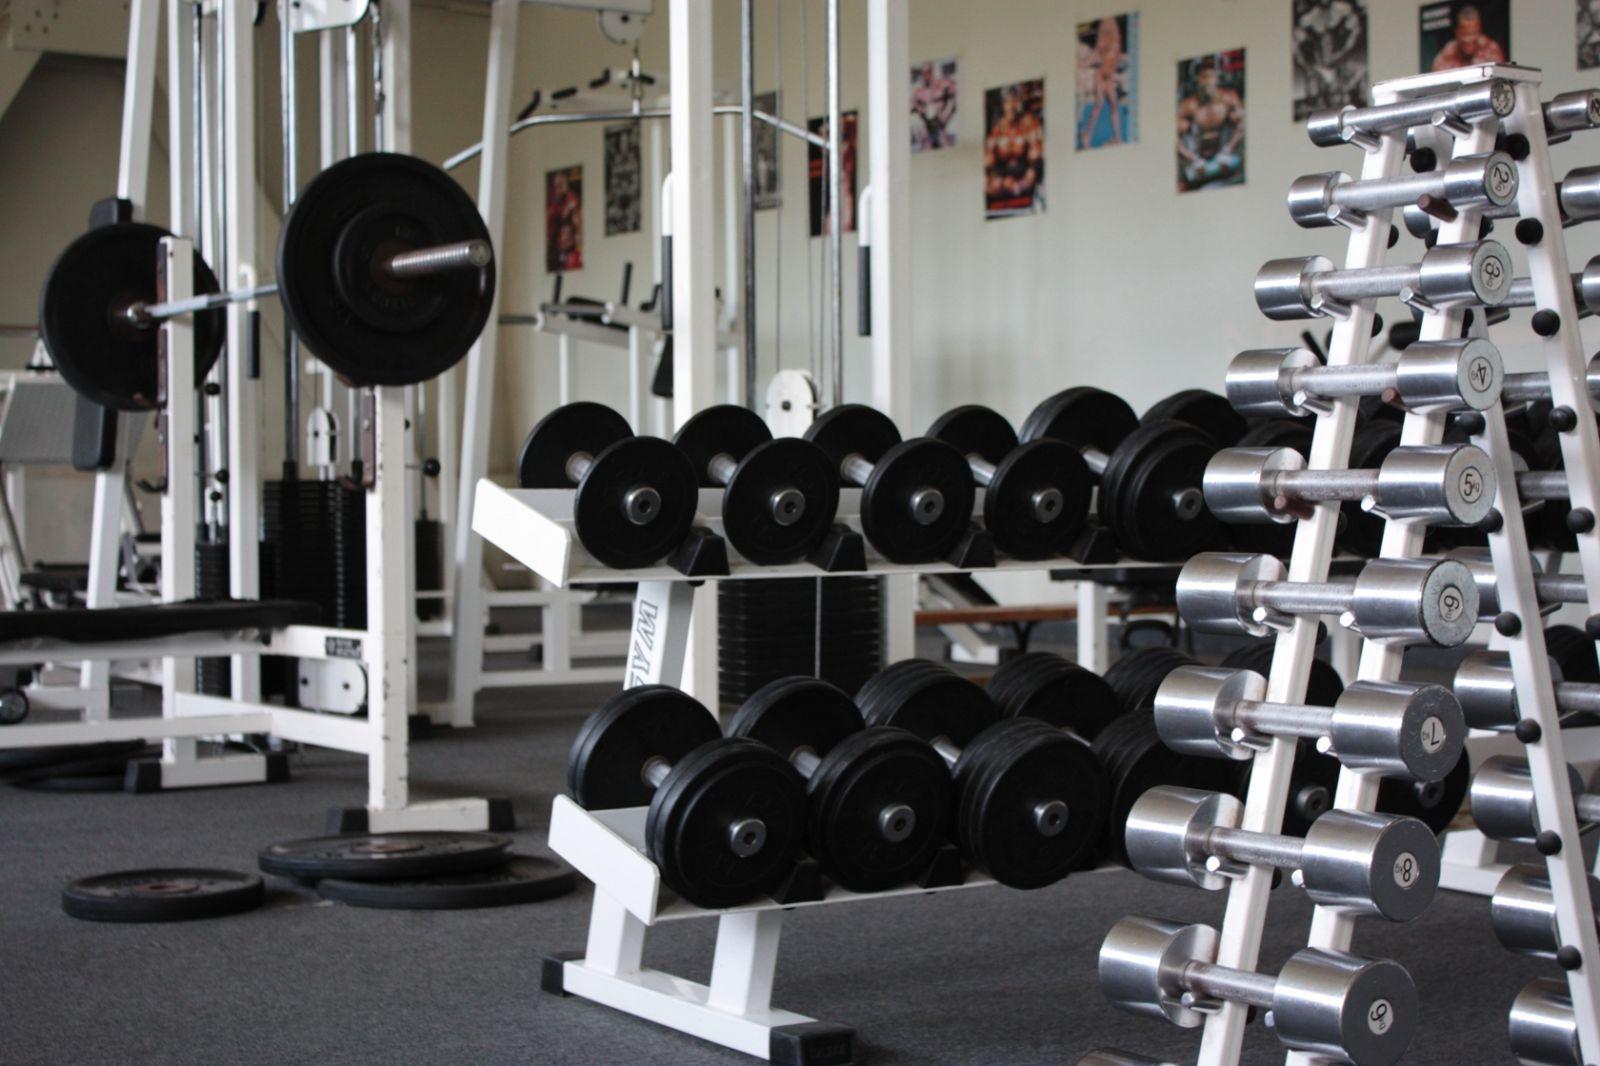 Как заниматься новичку в тренажерном зале: эксклюзивная программа от тренера